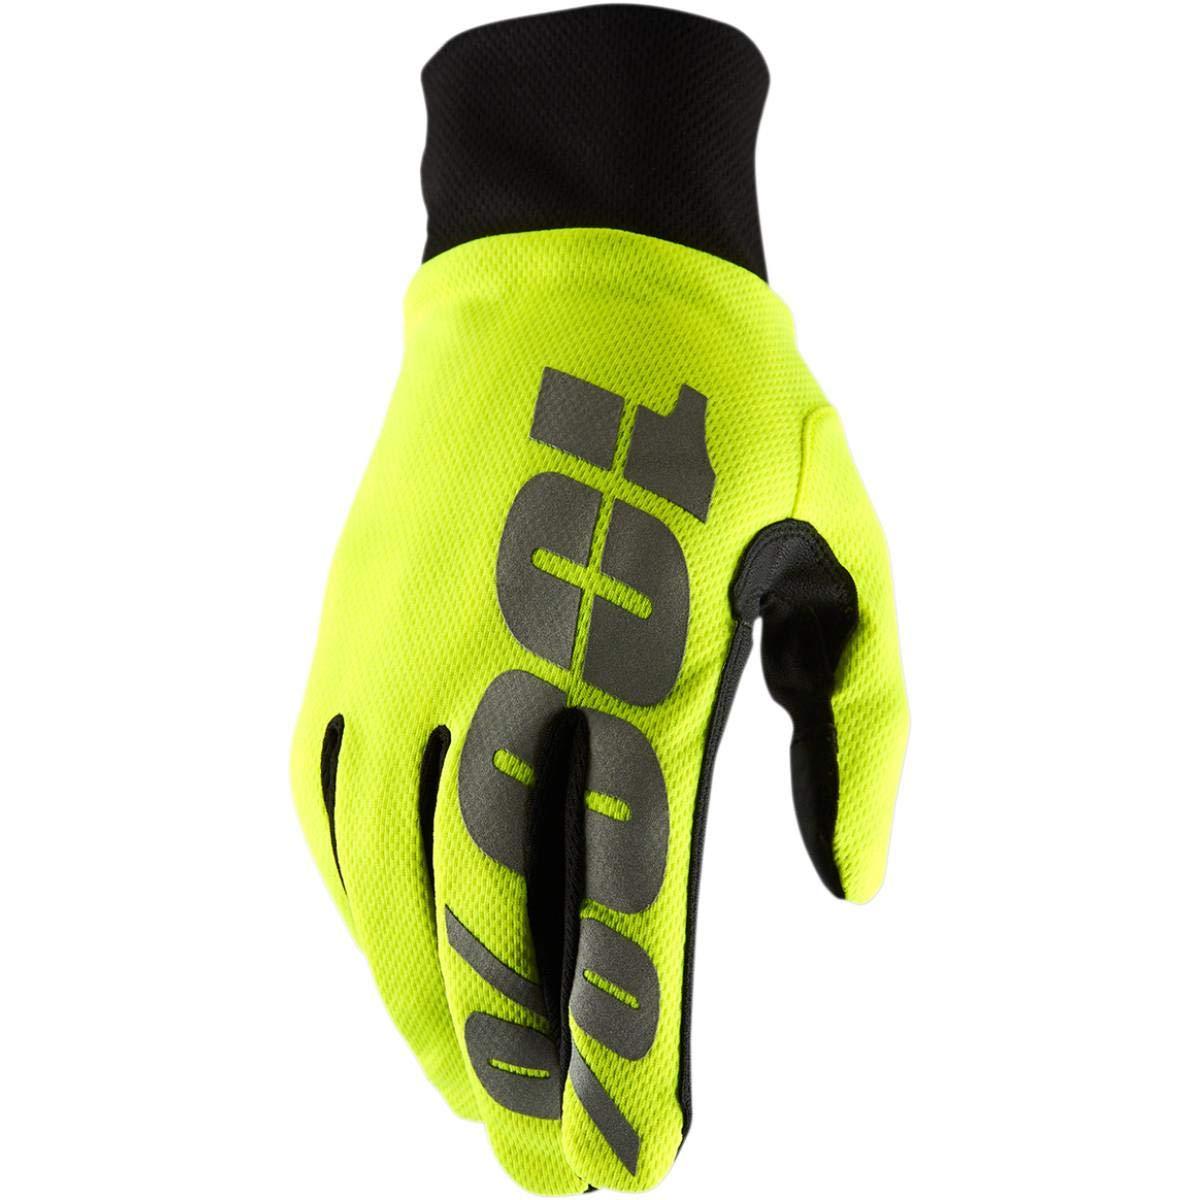 100/% HYDROMATIC Handschuhe Unisex XXL gelb fluoreszierend